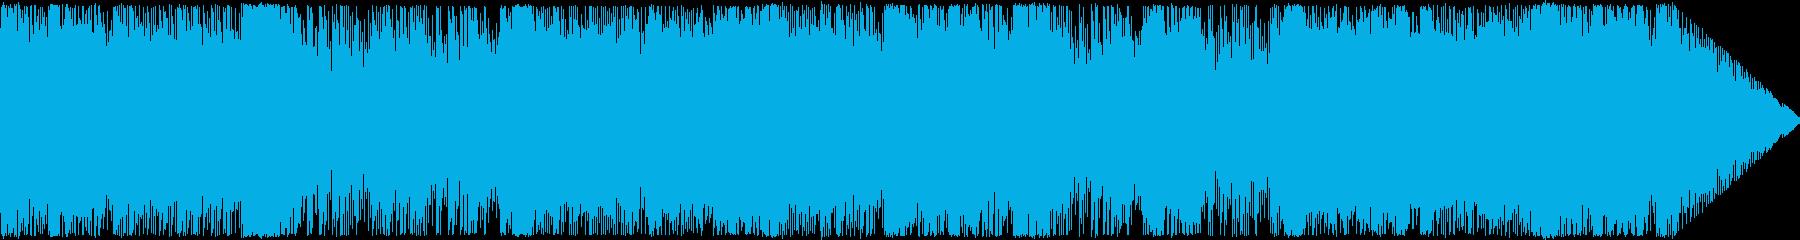 戦闘系のトランスの再生済みの波形